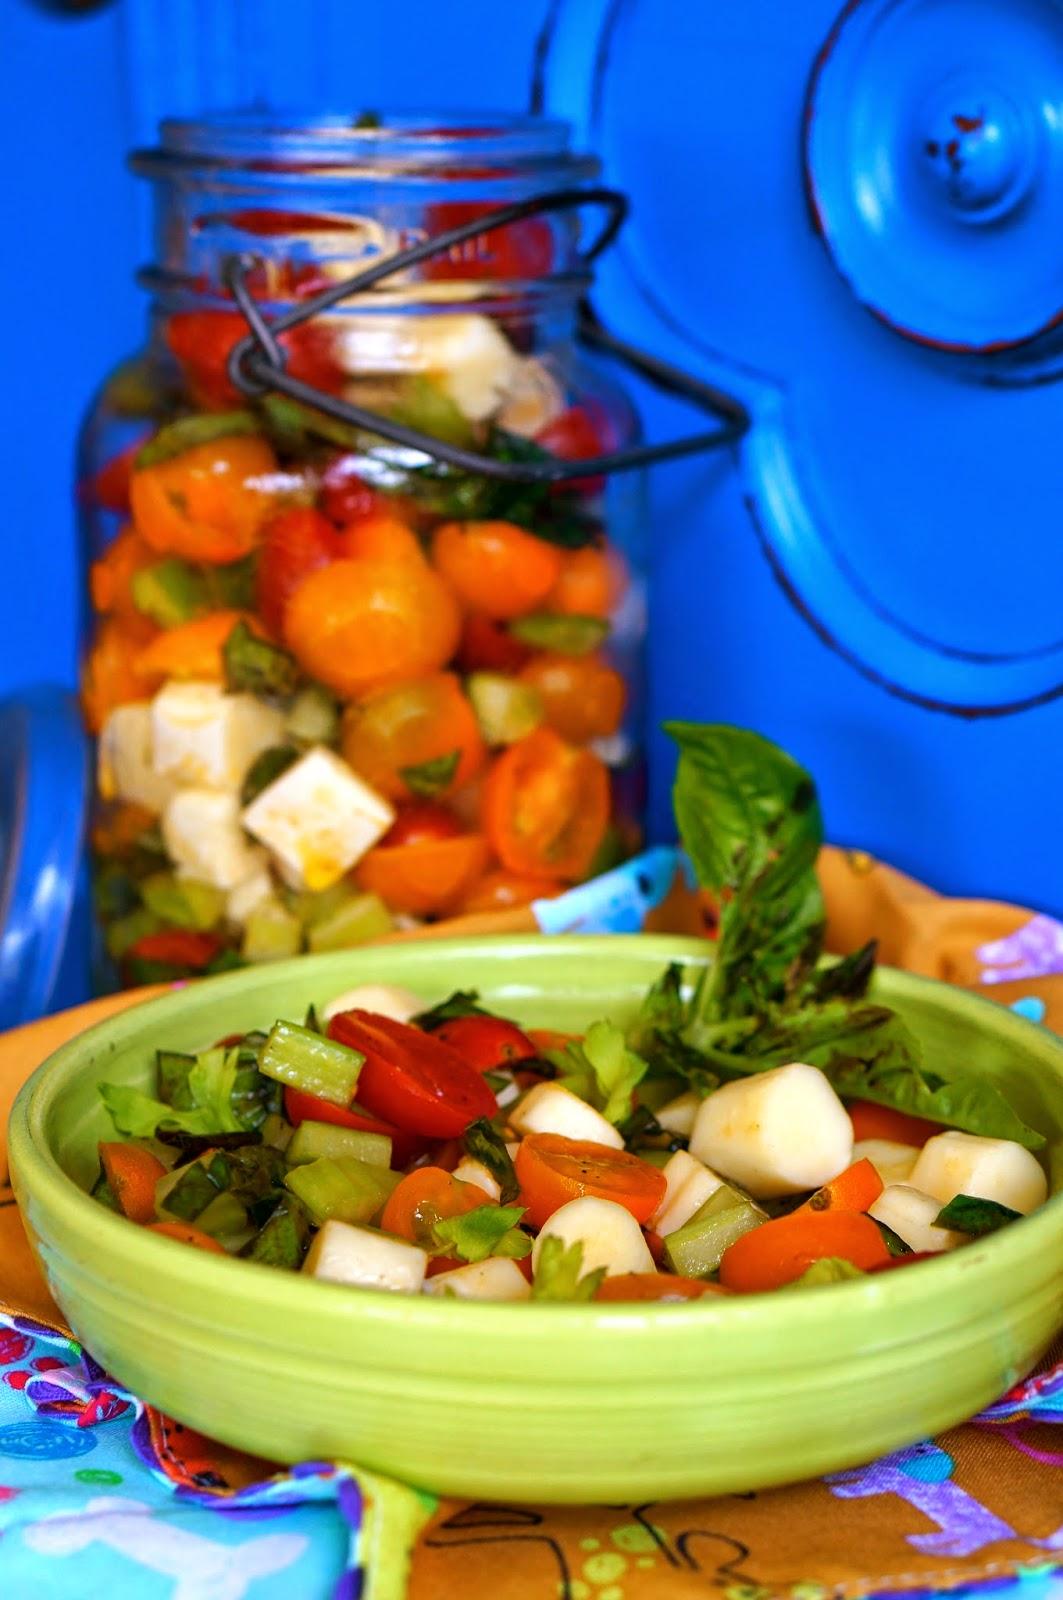 Tomatoes, Mozzarella, Celery, Basil, Olive Oil, Red Wine Vinegar, Picnic,